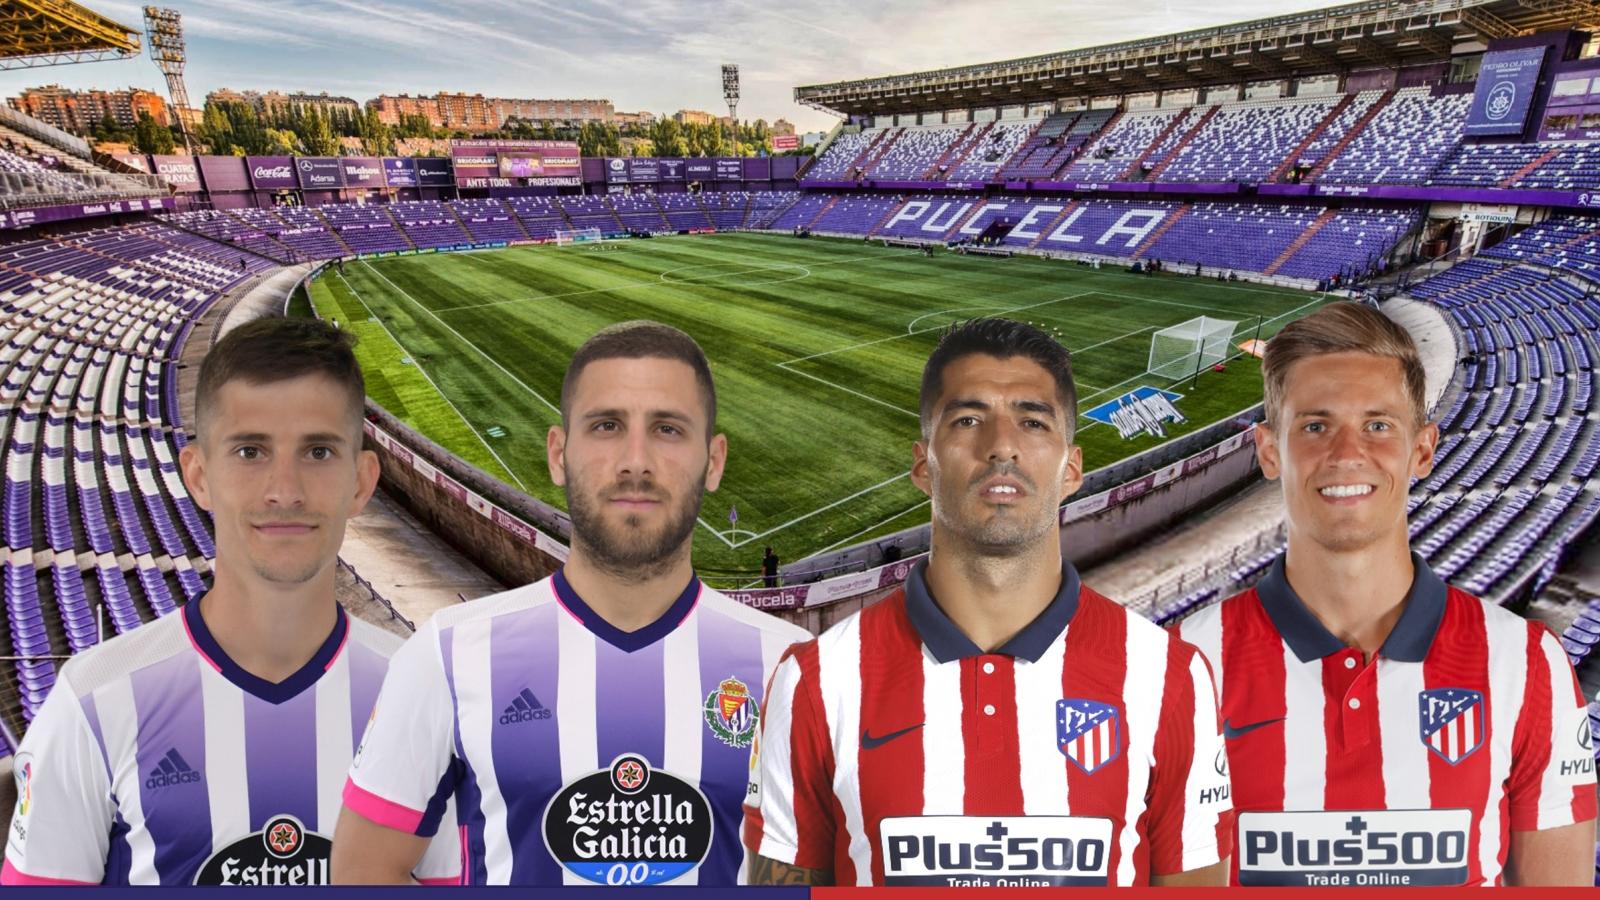 Dự đoán tỷ số, đội hình xuất phát trận Valladolid - Atletico Madrid